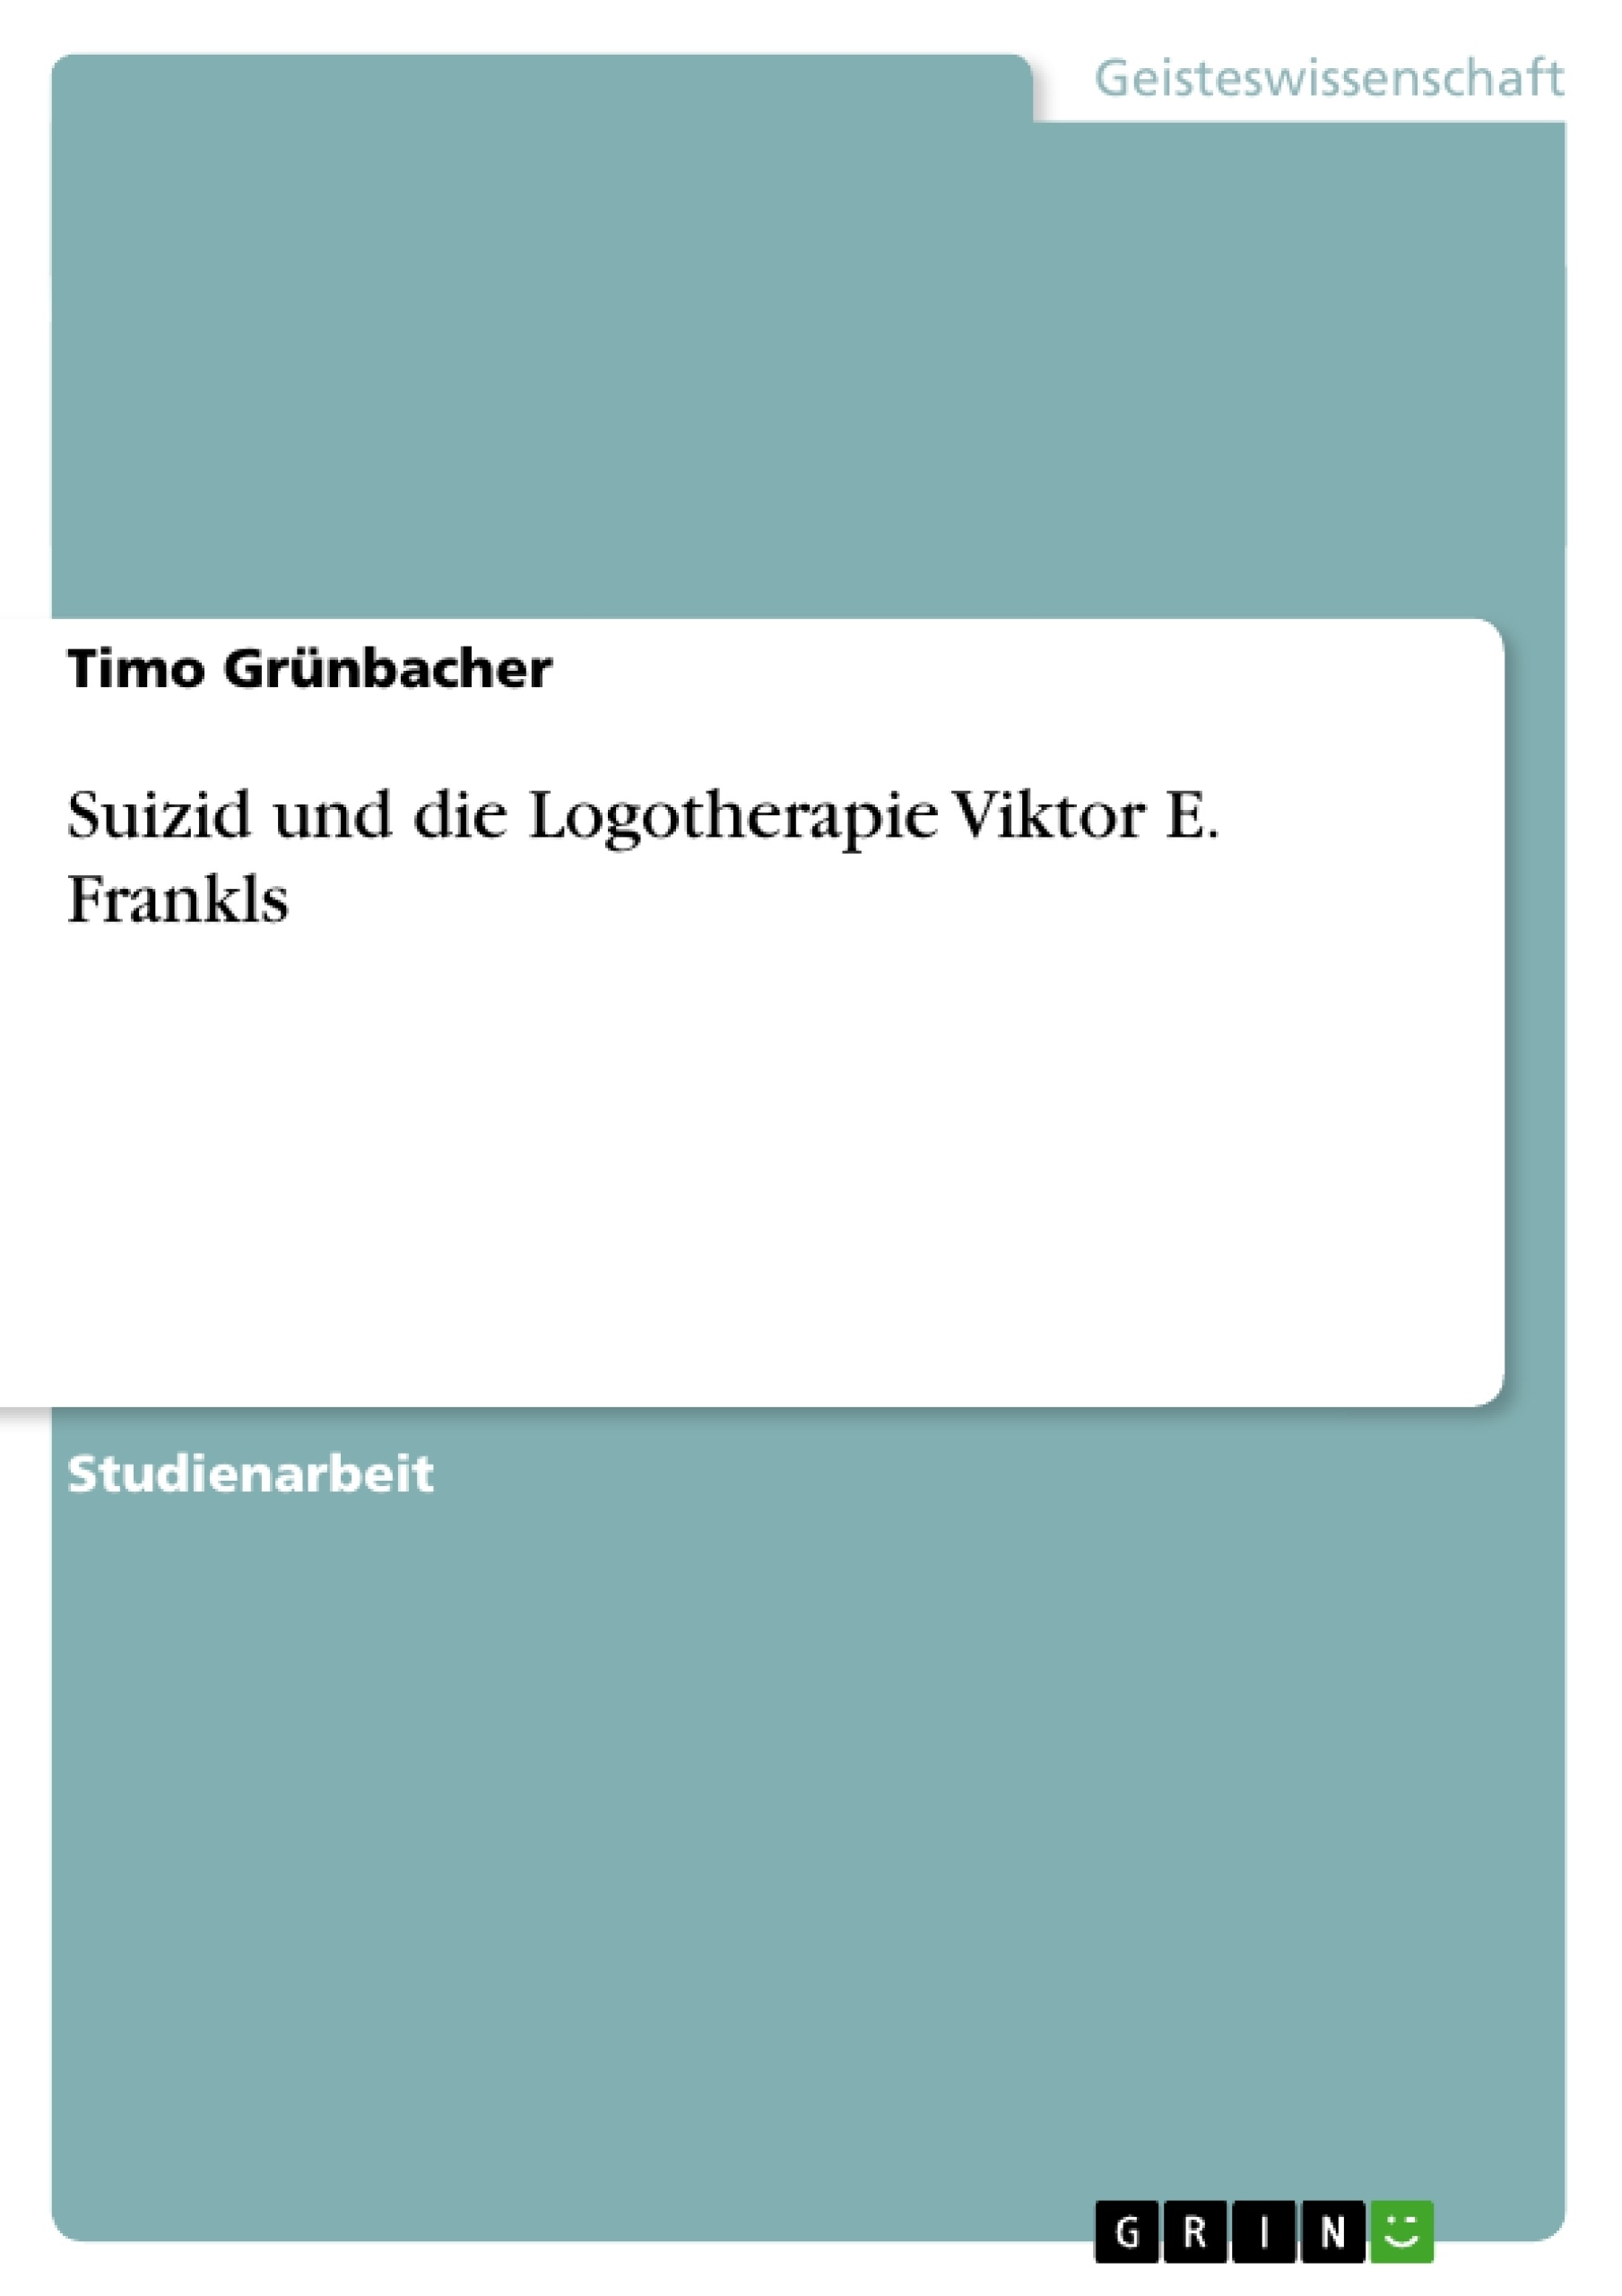 Titel: Suizid und die Logotherapie Viktor E. Frankls